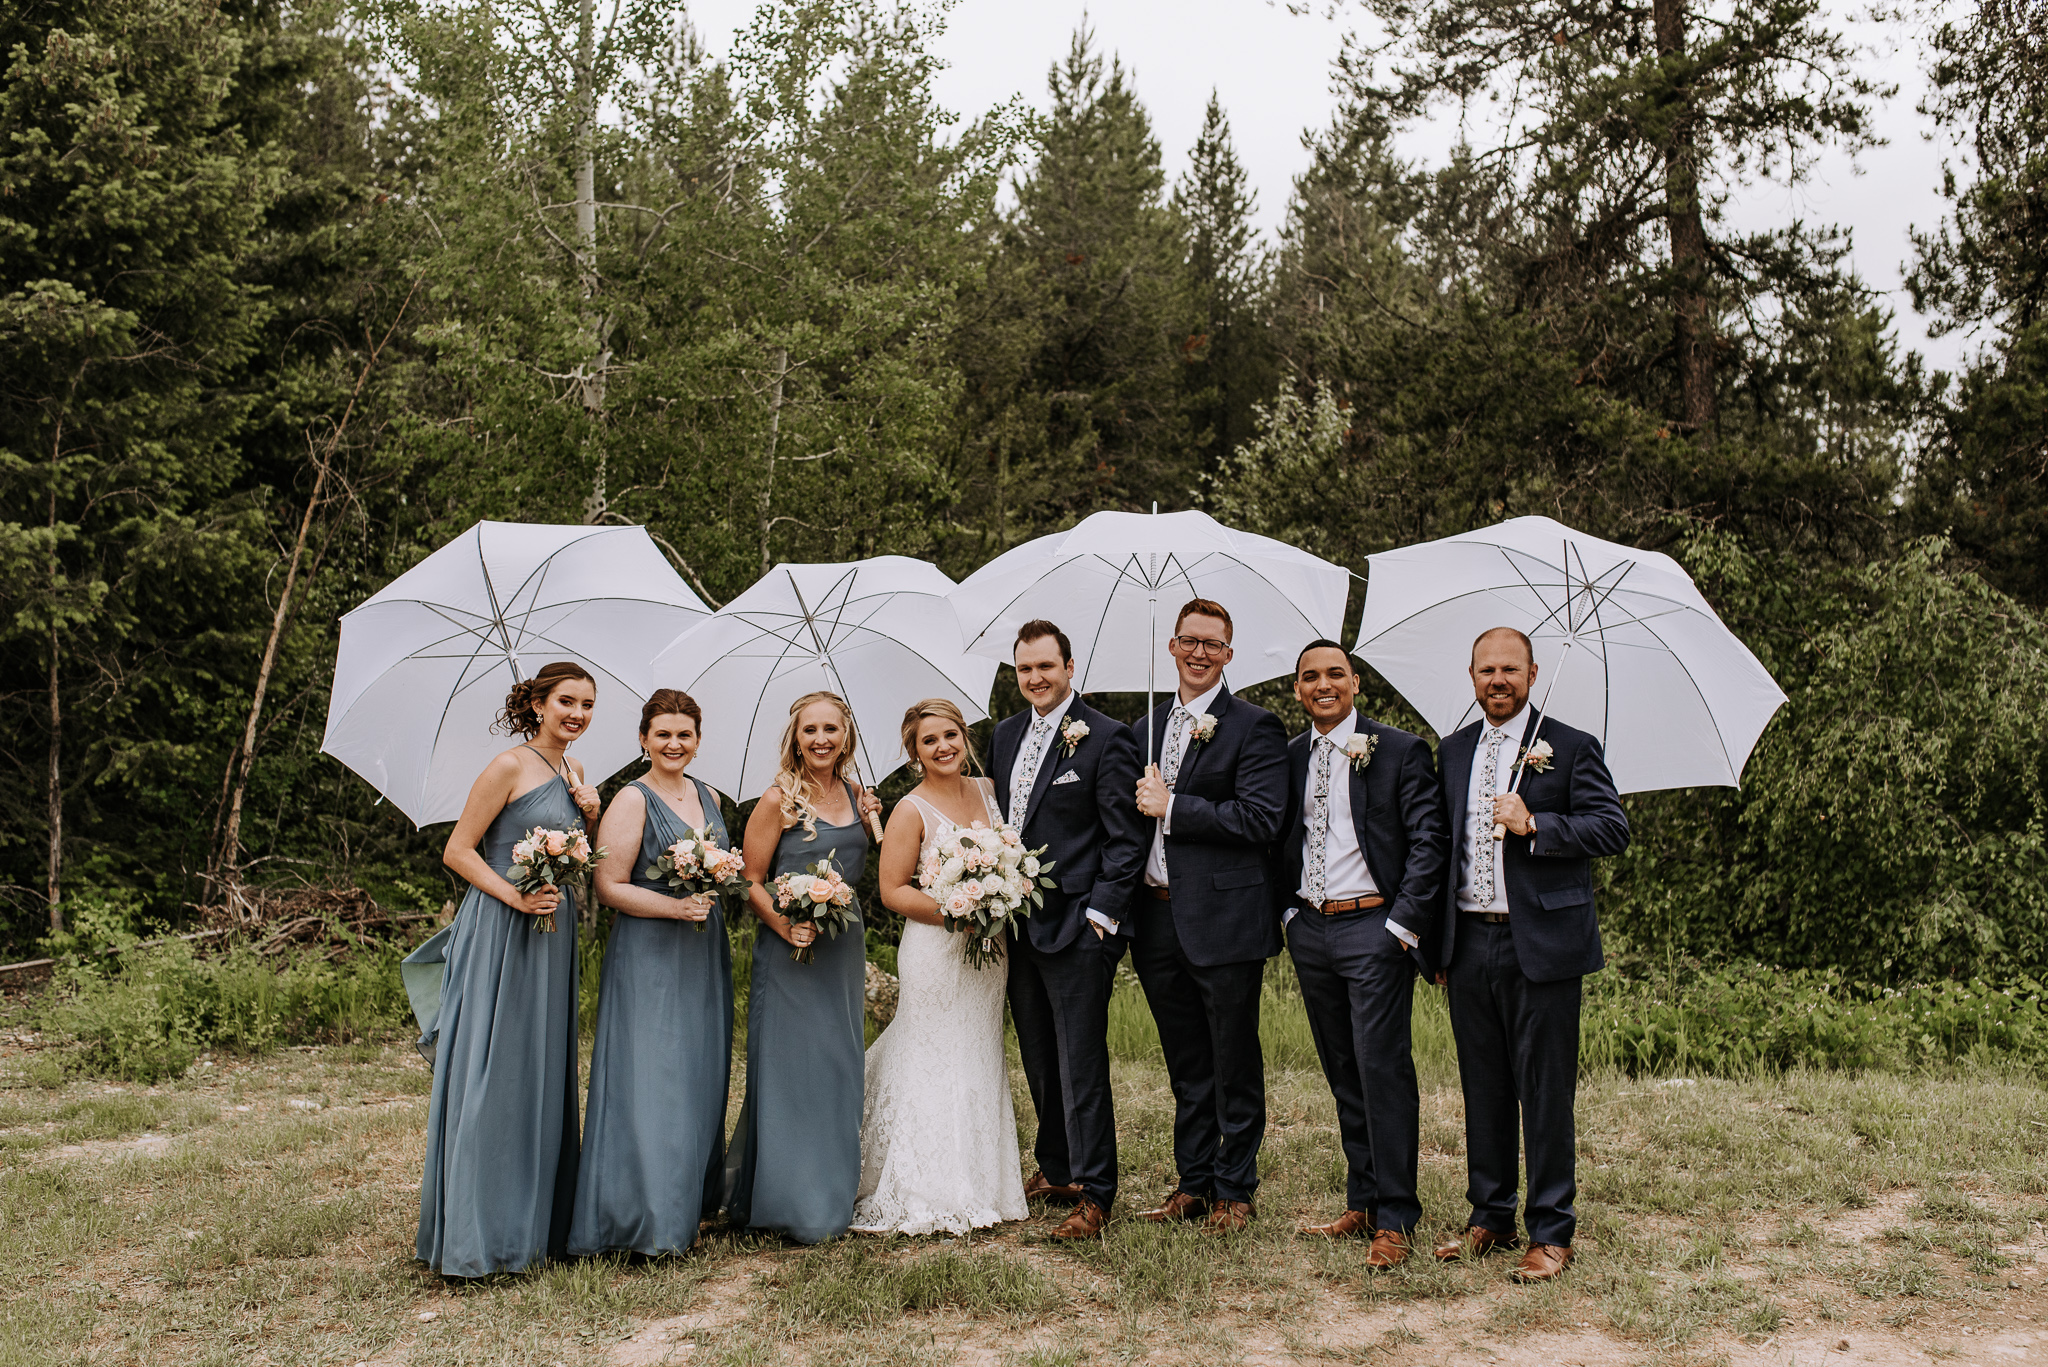 glacier-park-wedding-47.jpg